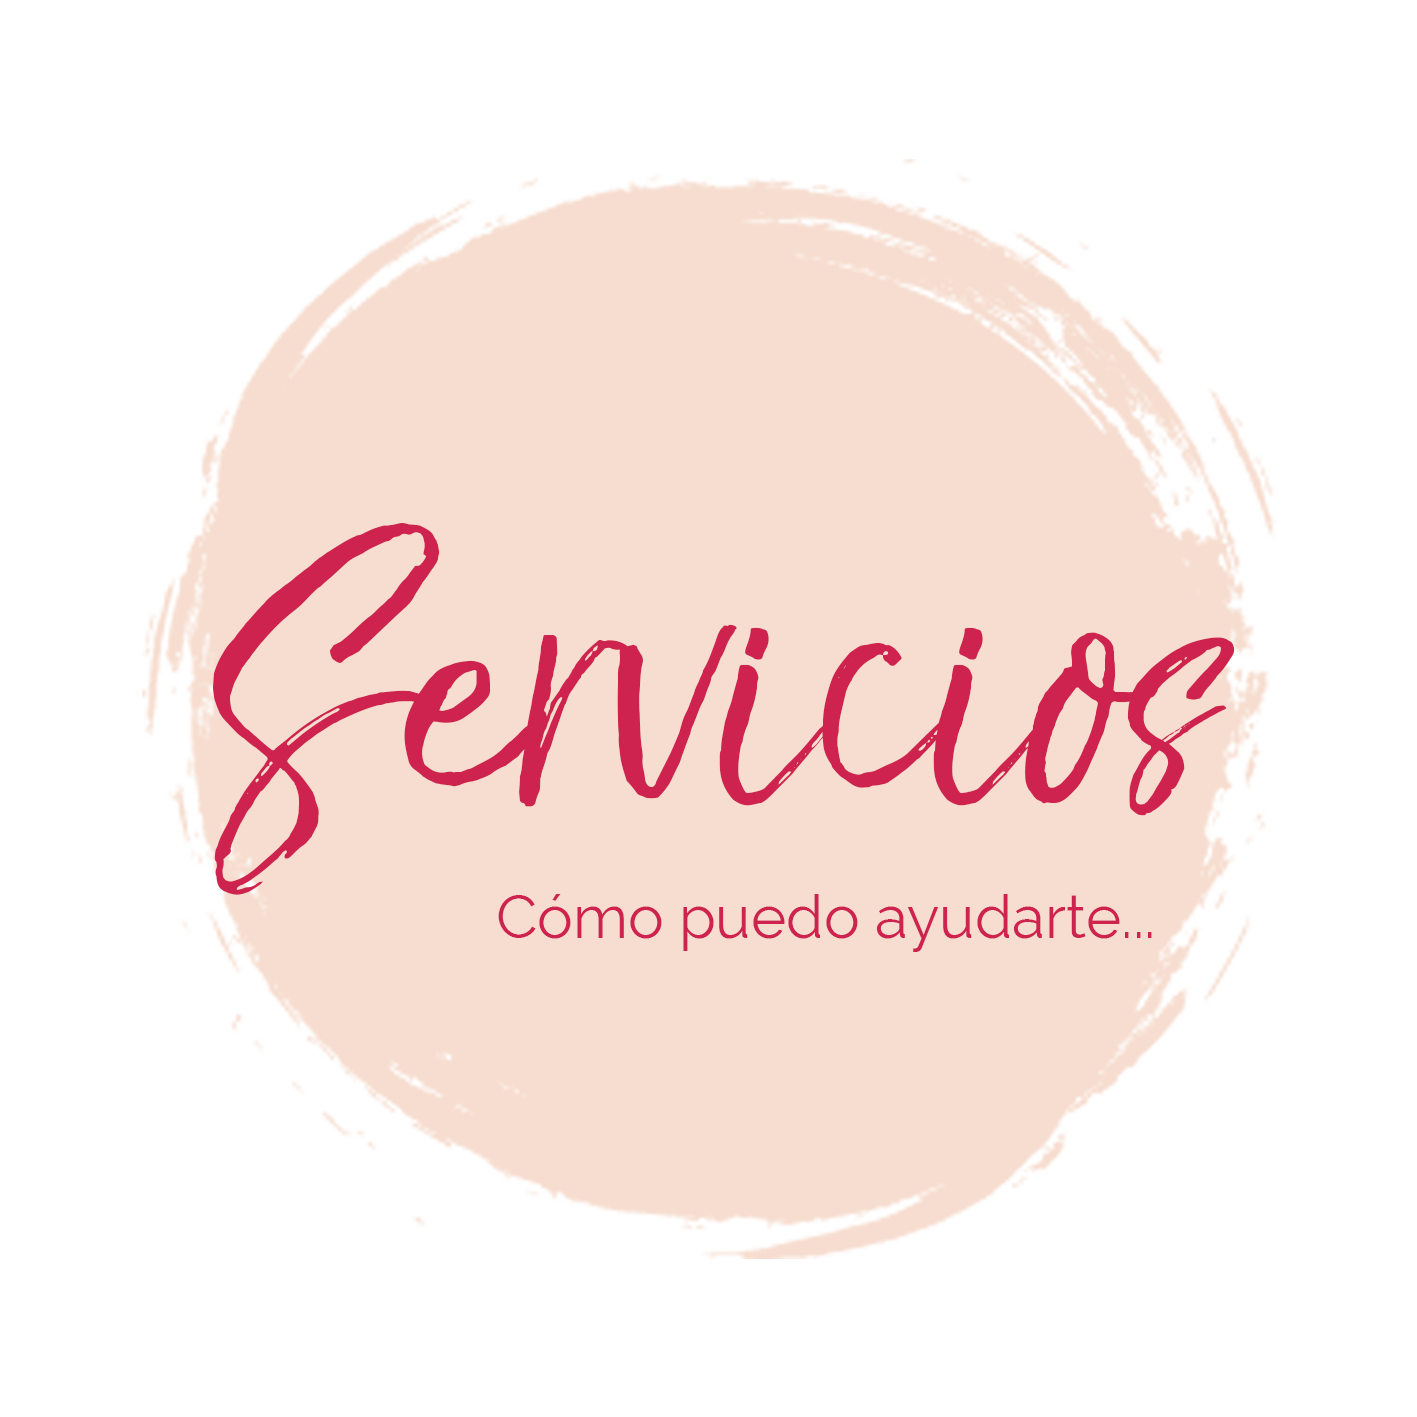 Inicio_Servicios_3.png